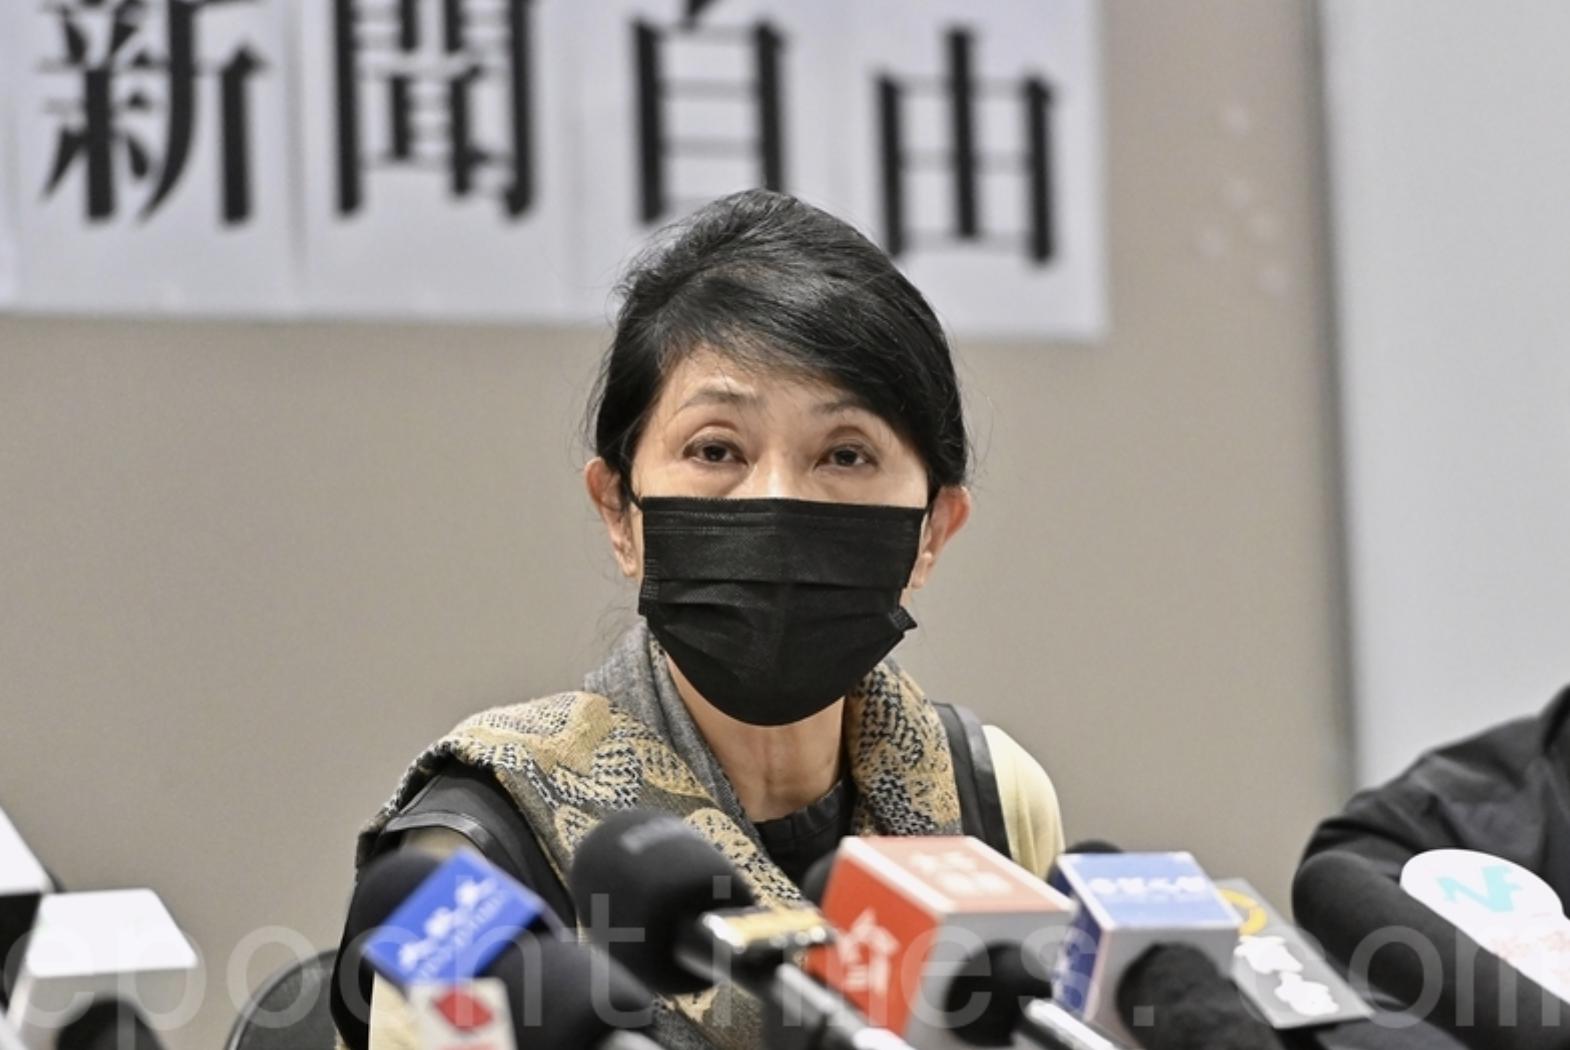 毛孟靜向高院申保釋被拒。資料圖片。(宋碧龍/大紀元)